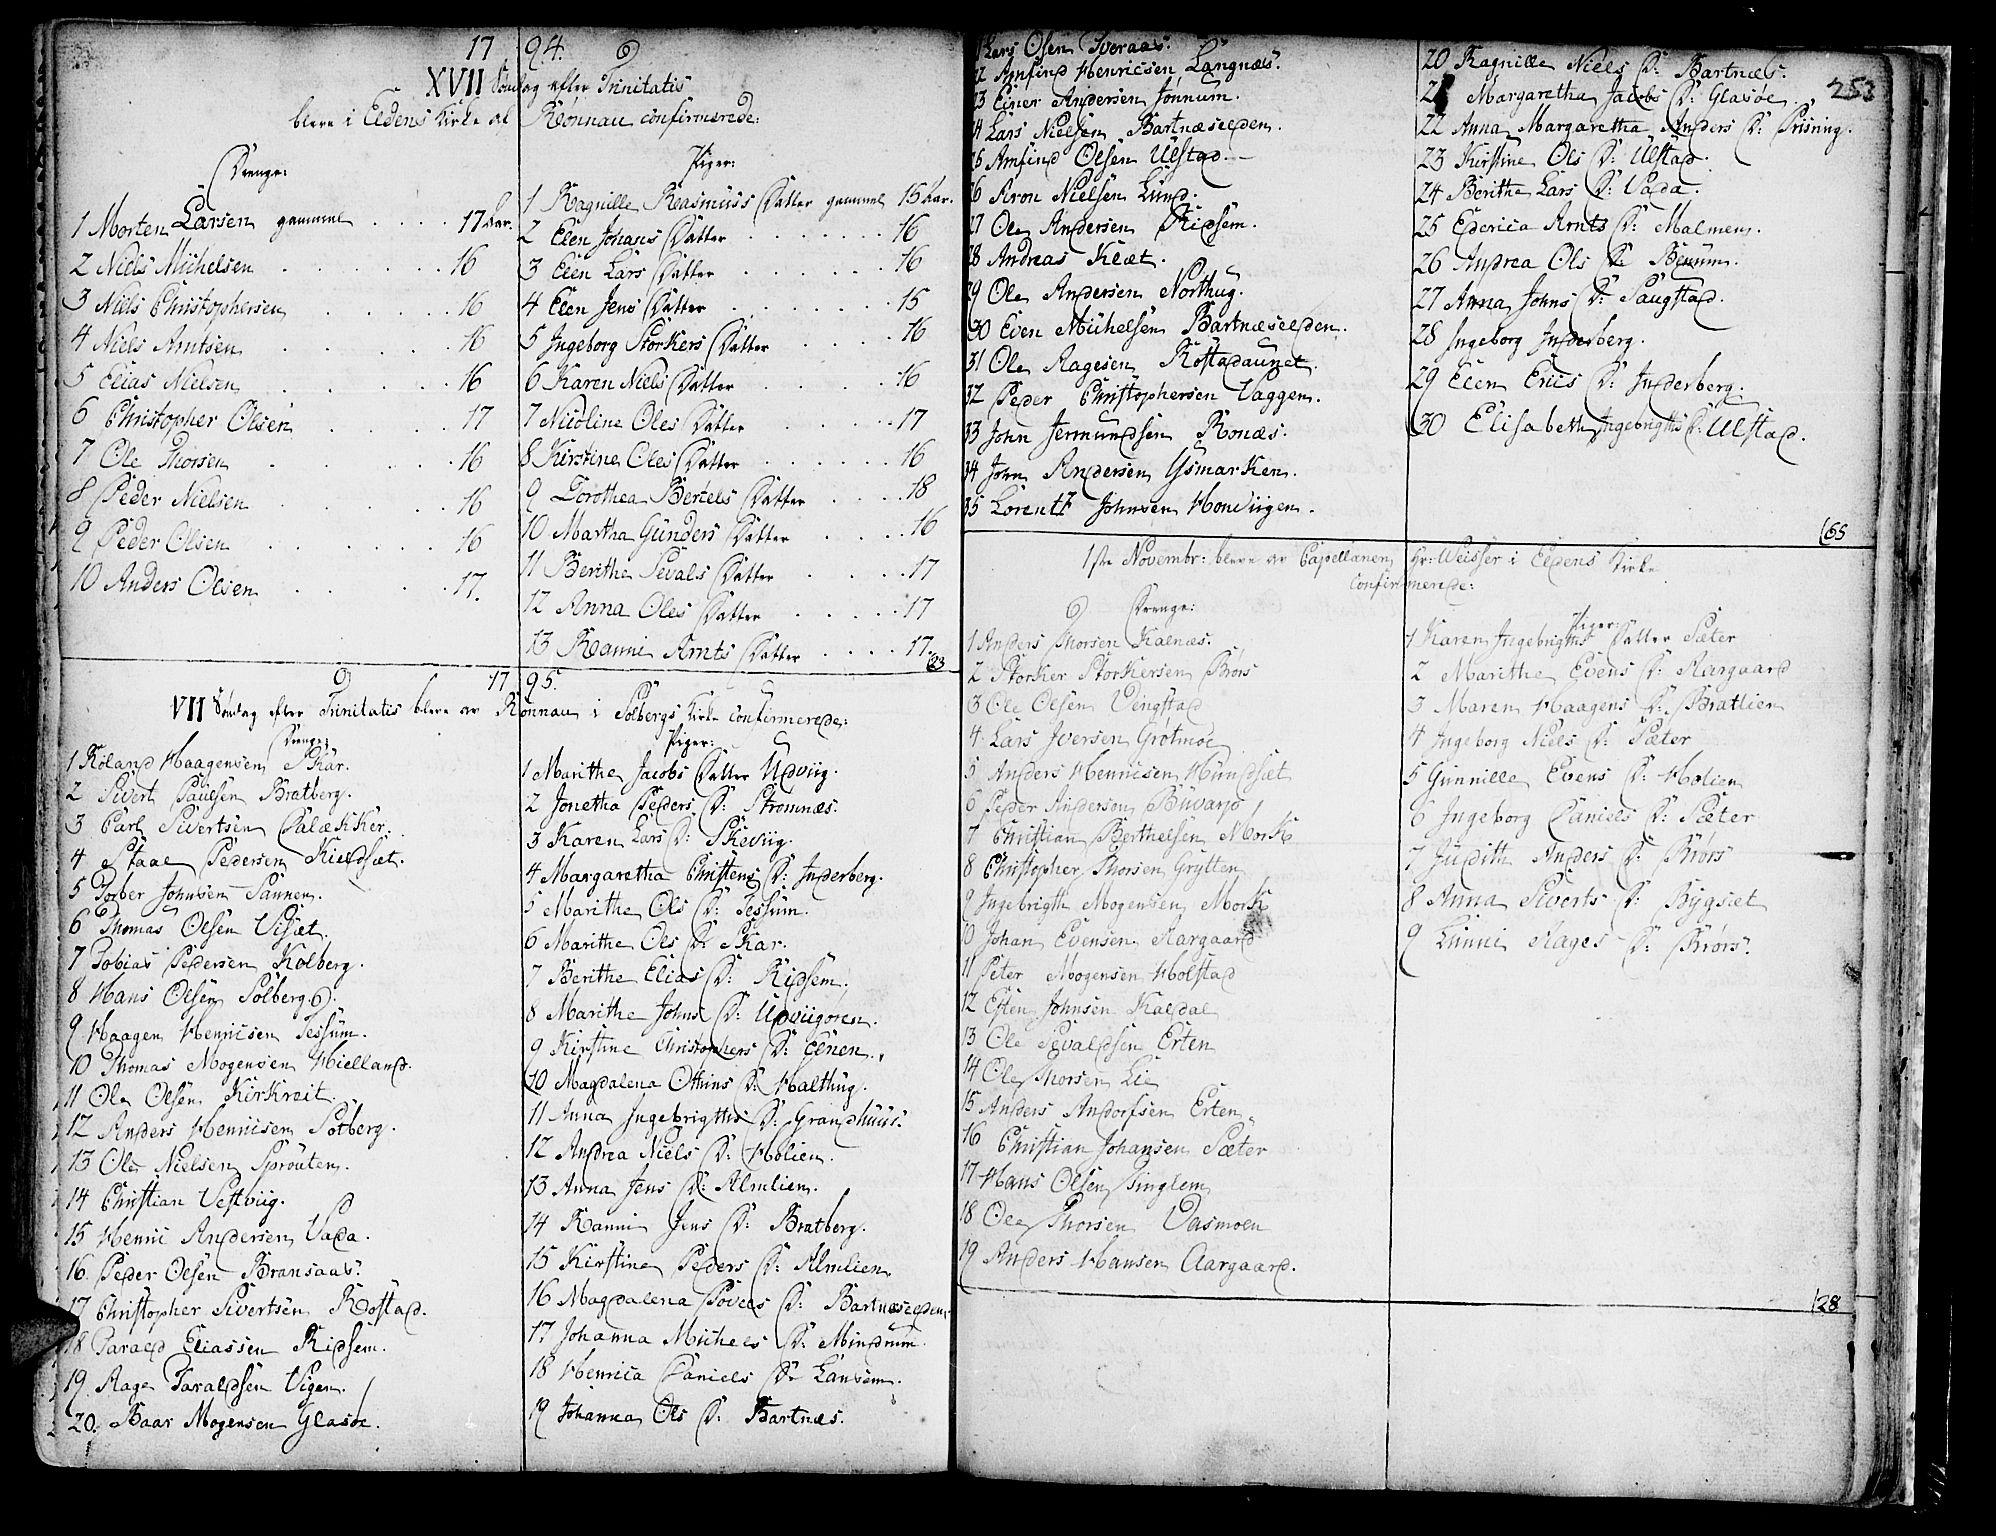 SAT, Ministerialprotokoller, klokkerbøker og fødselsregistre - Nord-Trøndelag, 741/L0385: Ministerialbok nr. 741A01, 1722-1815, s. 253